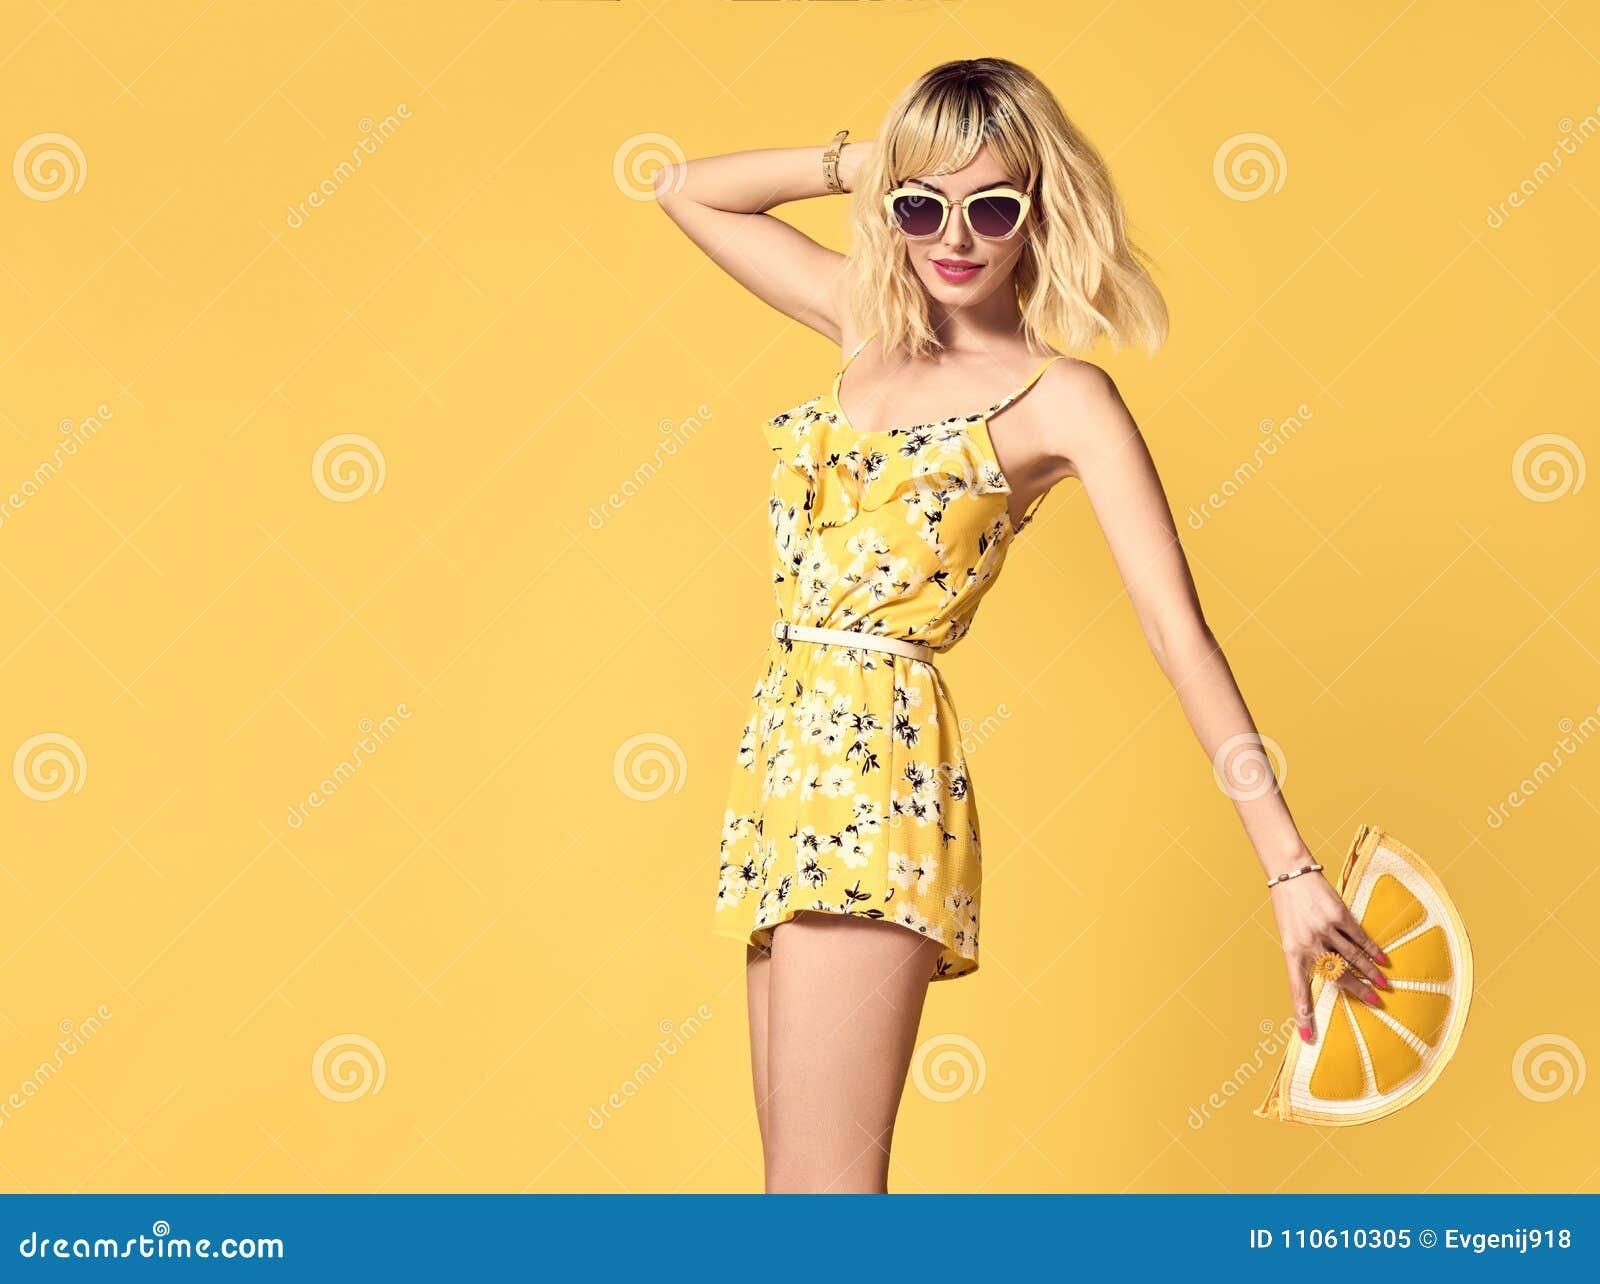 4d4b33067b96b6 Glamour Kortharig meisje in het Modieuze Zonnebril Dansen Het jonge  vrouwelijke Blonde model van Hipster in de Modieuze Uitrusting van de  manierzomer Mooie ...